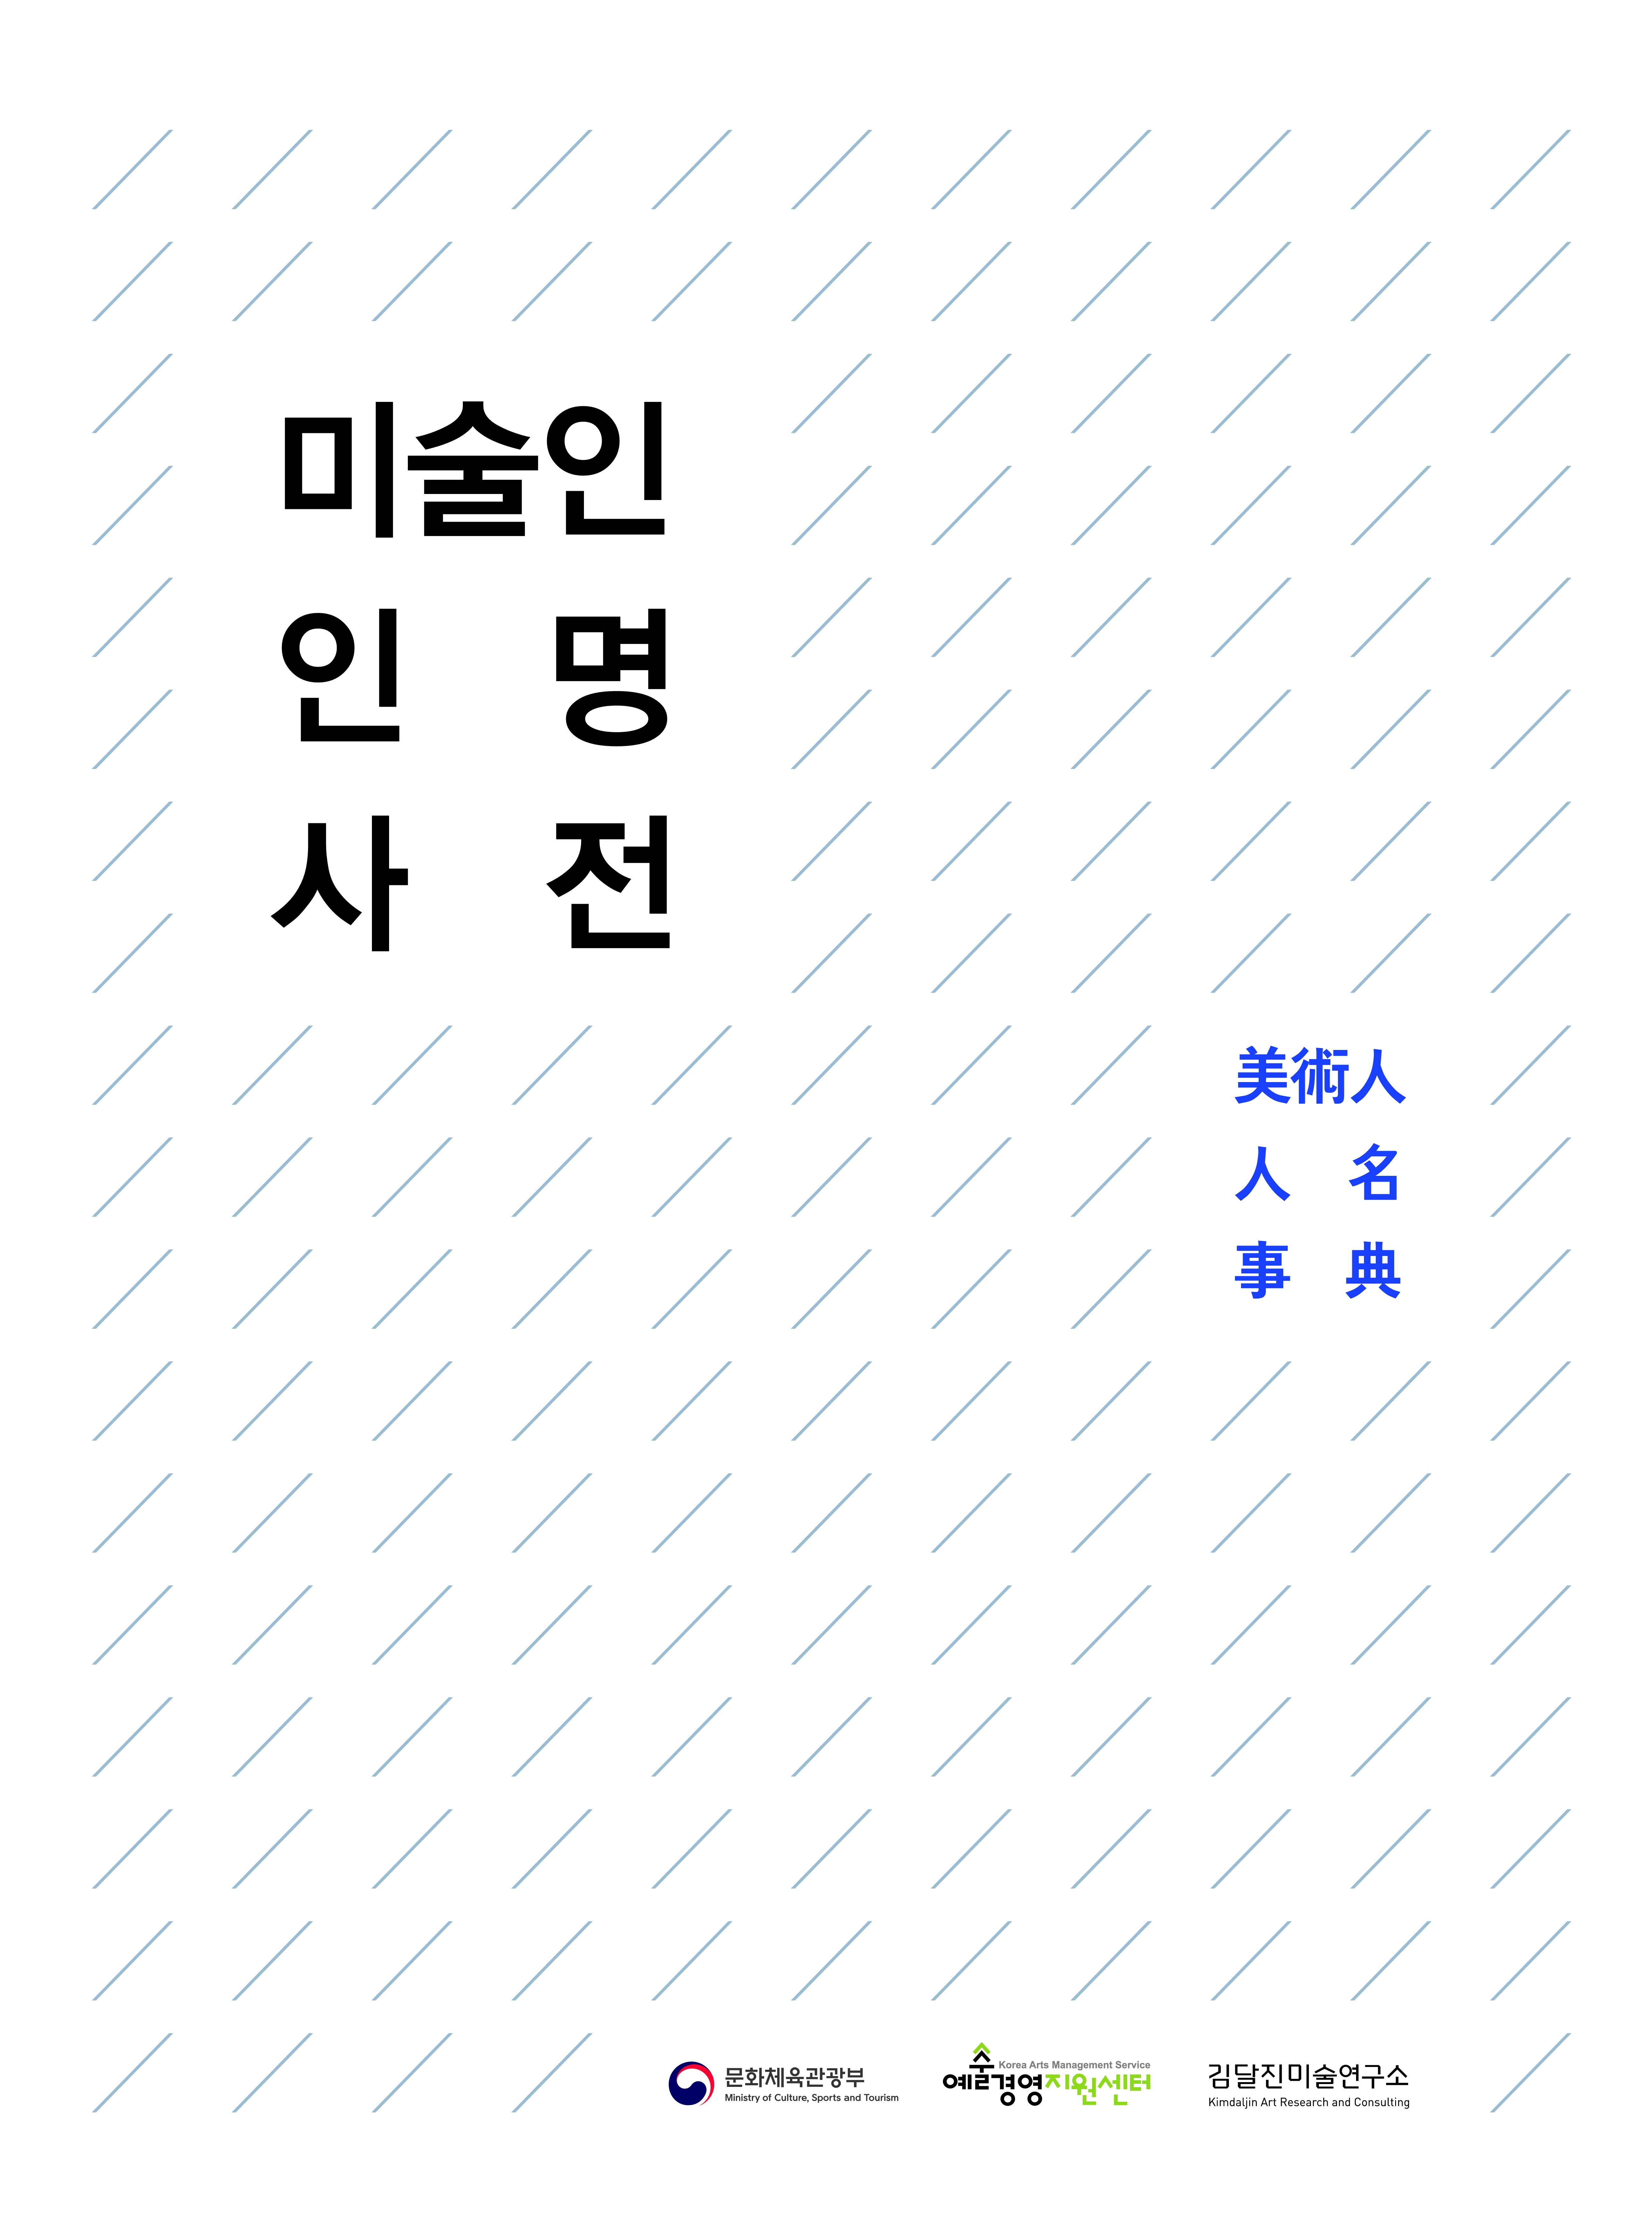 [미술인 인명사전](업데이트/ 수정사항 추가)